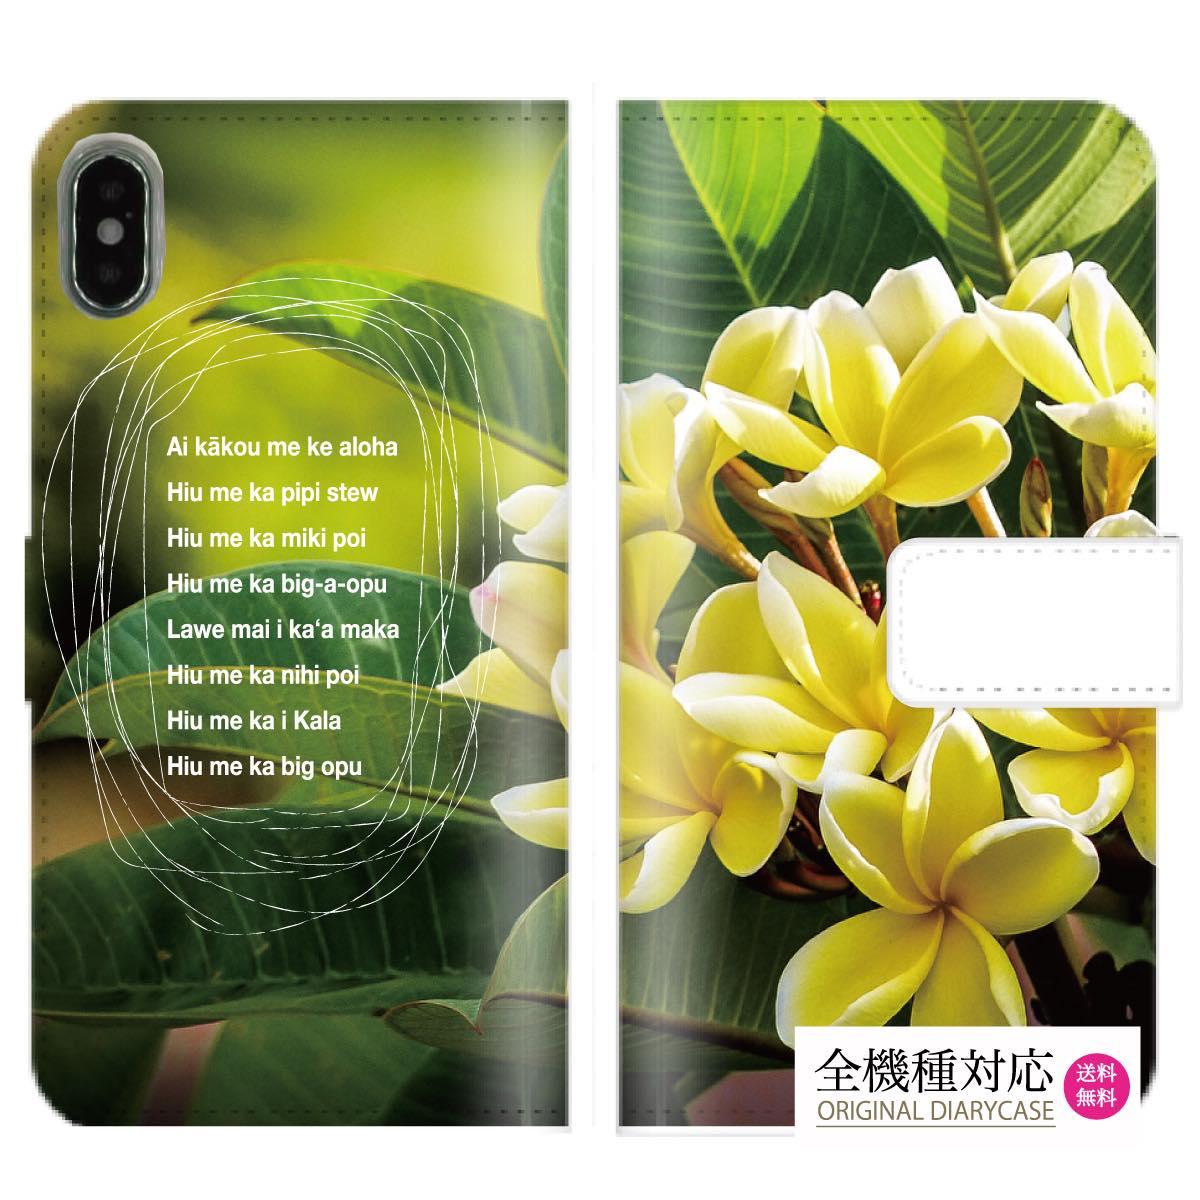 送料無料 全機種対応 iPhone XS Max iPhone XR iPhone8 ケース スマホケース 手帳型 柄 ハワイアン hawaiian 海外 hawaii ハワイ 人気 トレンド ビーチ アロハ プルメリア 花柄 オシャレ 黄色 白 フォト ハイビスカス Galaxy Xperia AQUOS arrows Huawei